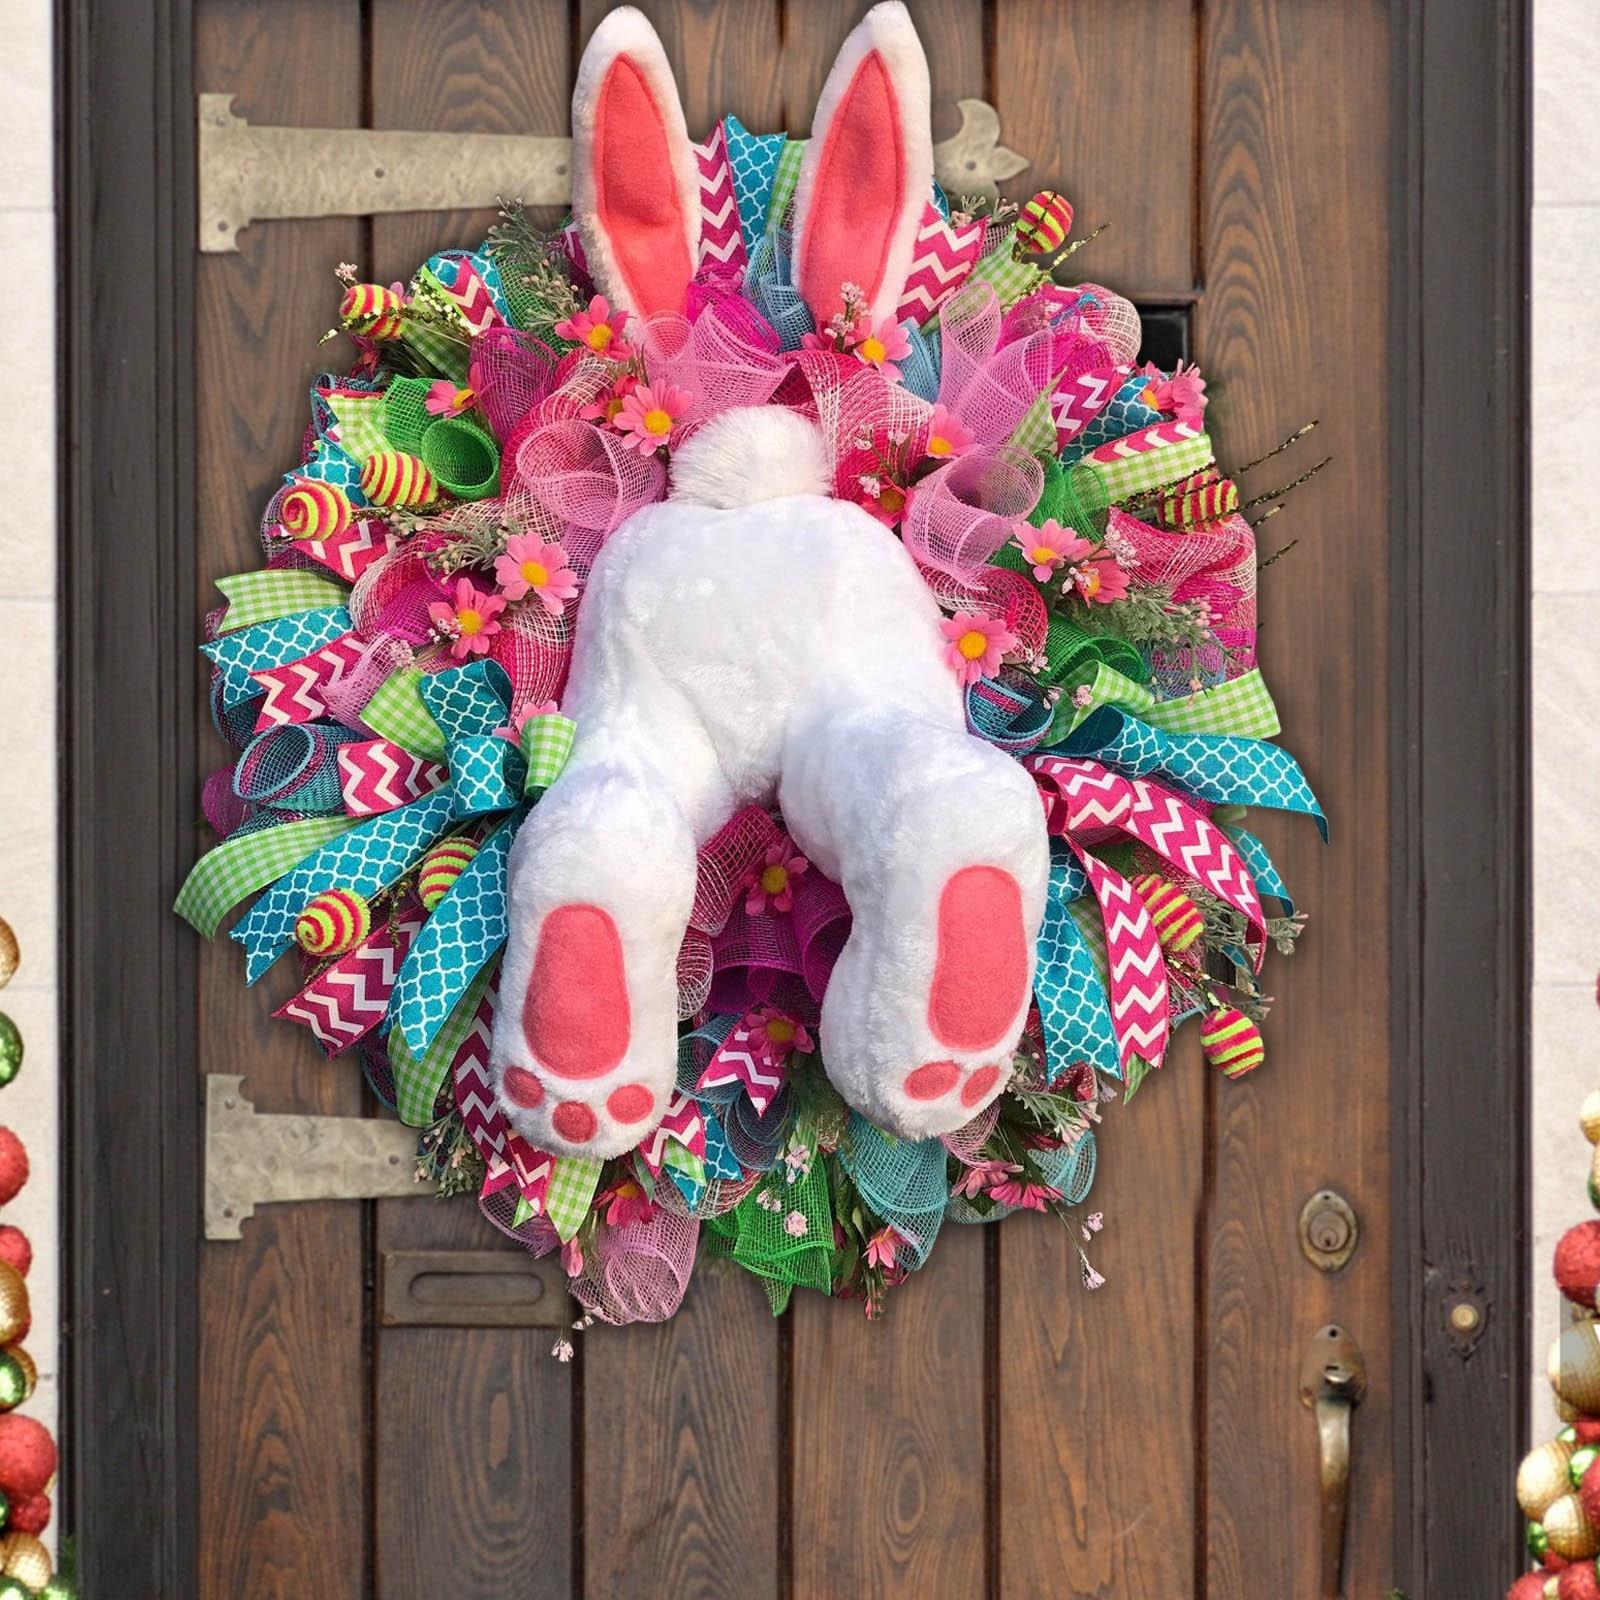 Пасхальный венок в виде кролика с пасхальным крестом, украшение для дома, весенний свадебный венок, Мультяшные украшения в форме кролика, C18